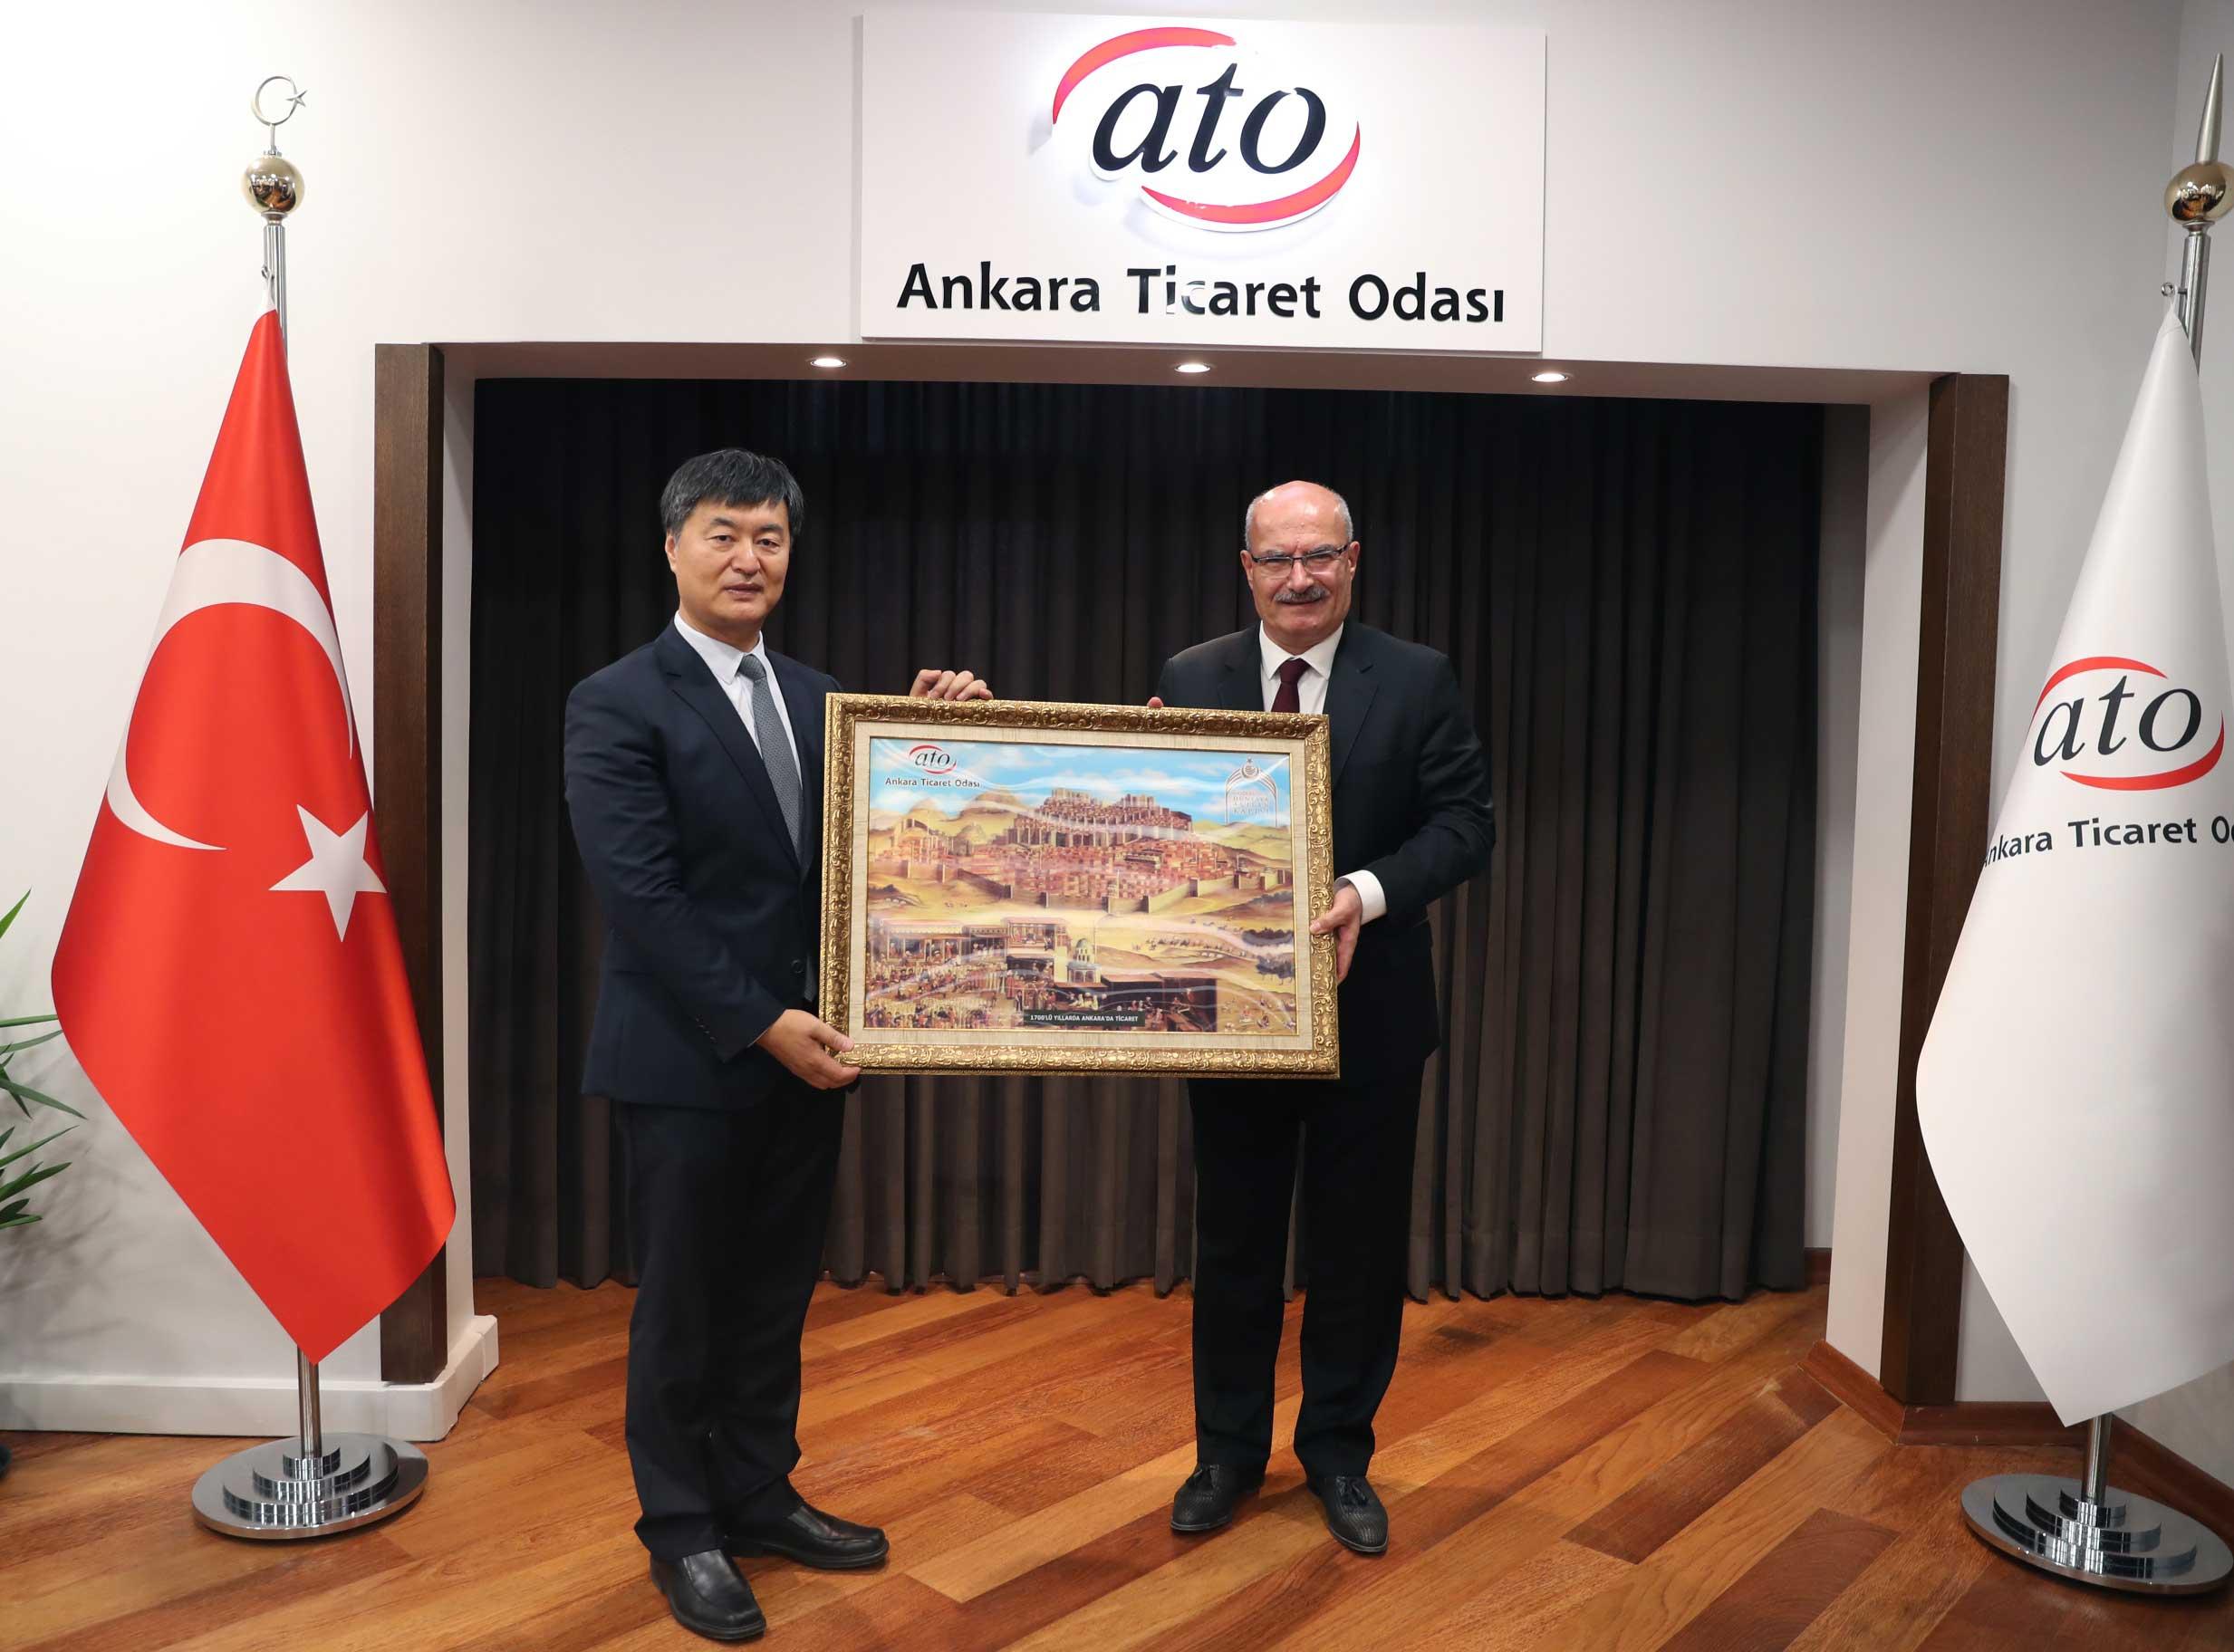 Çin Ekonomik ve Ticaret Müsteşarından ATO Başkanını Ziyaret!